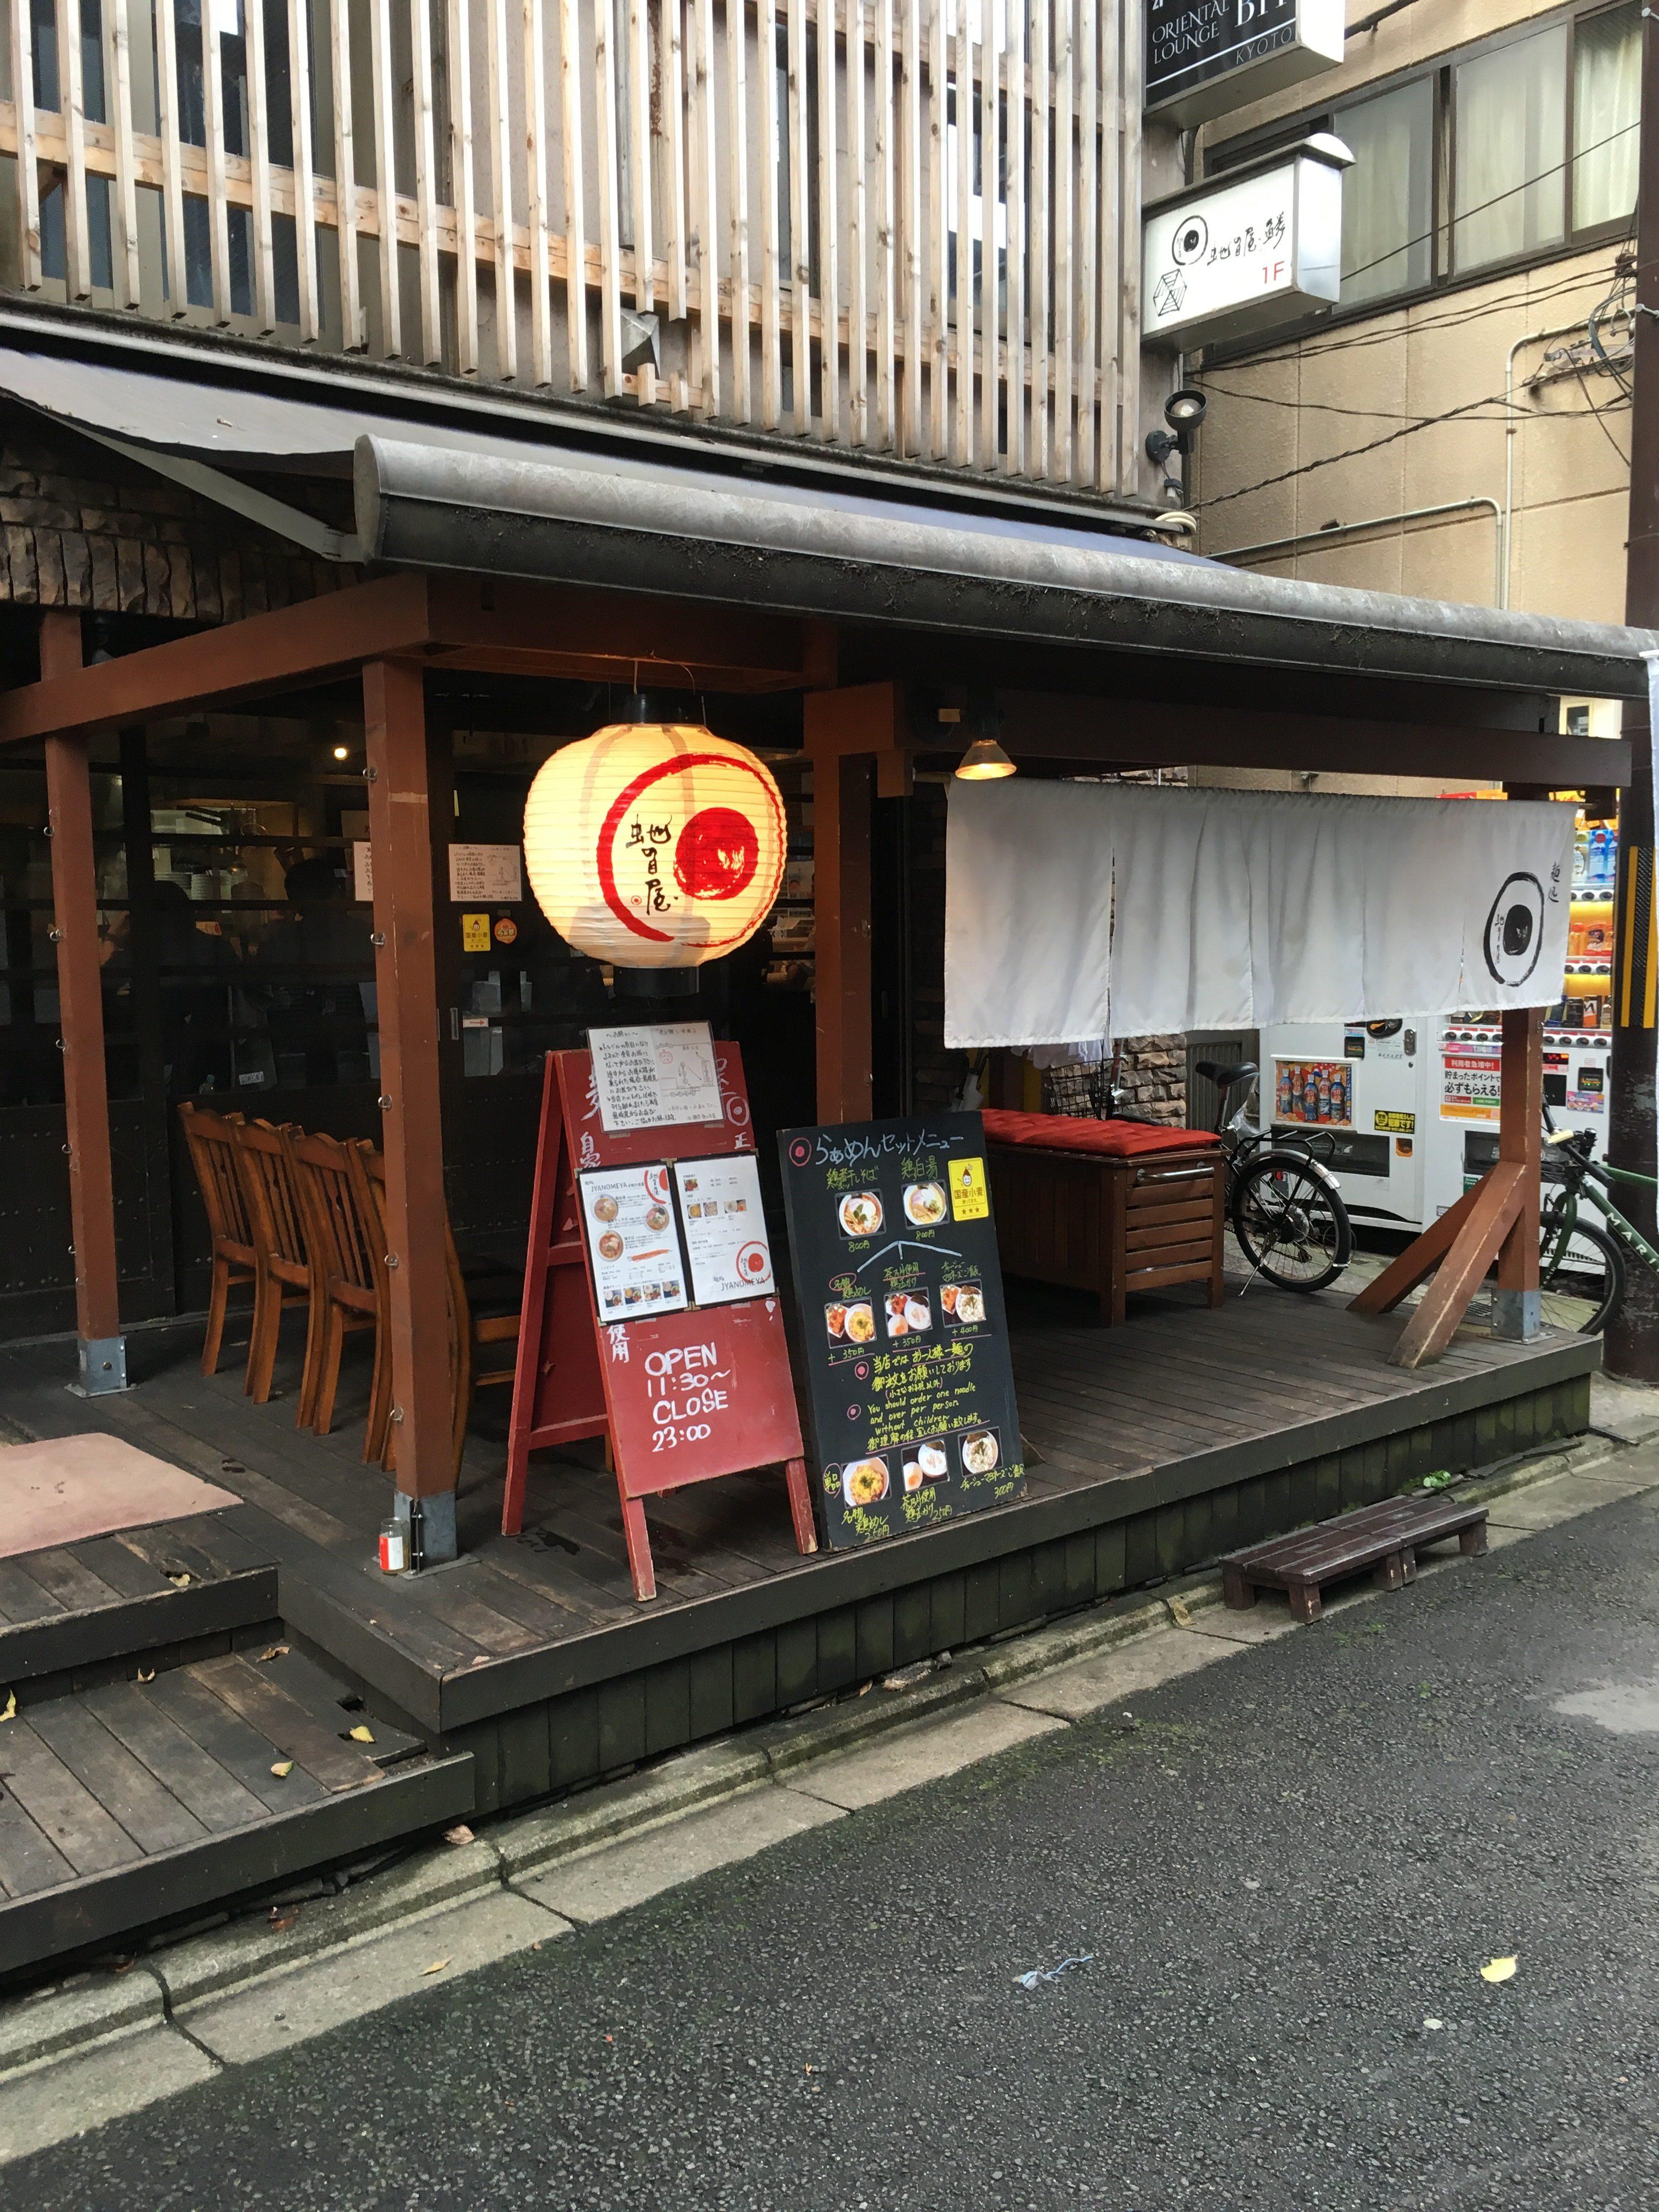 京都のラーメン屋さん『蛇の目屋』さんに行ってみる。